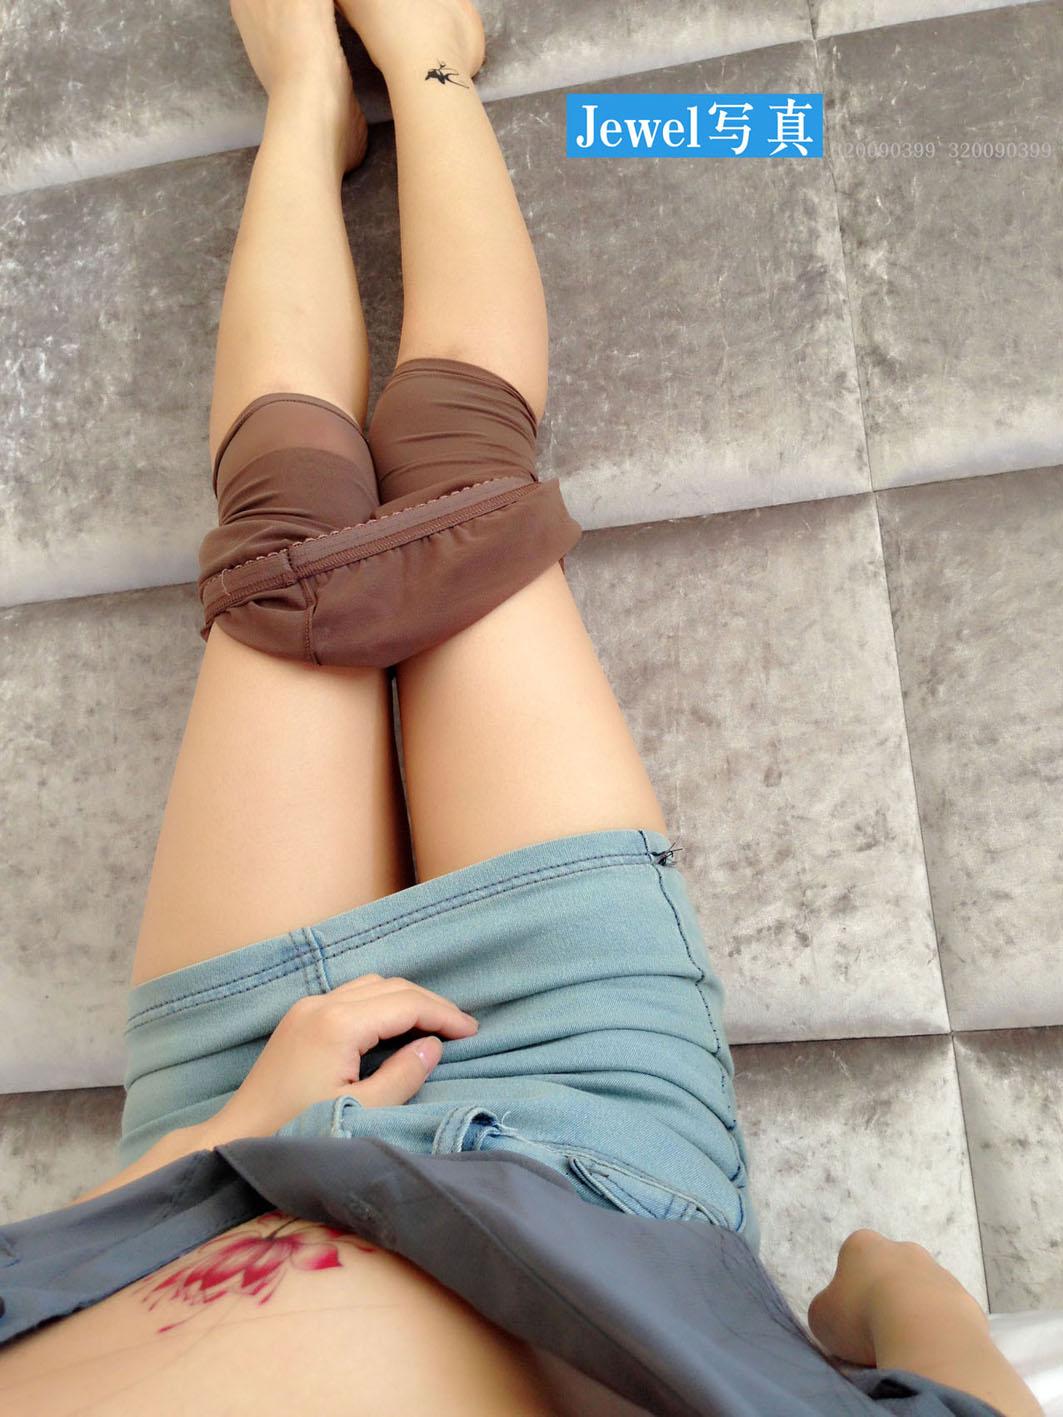 Jewel雪婷原创私拍,短裙灰丝的诱惑